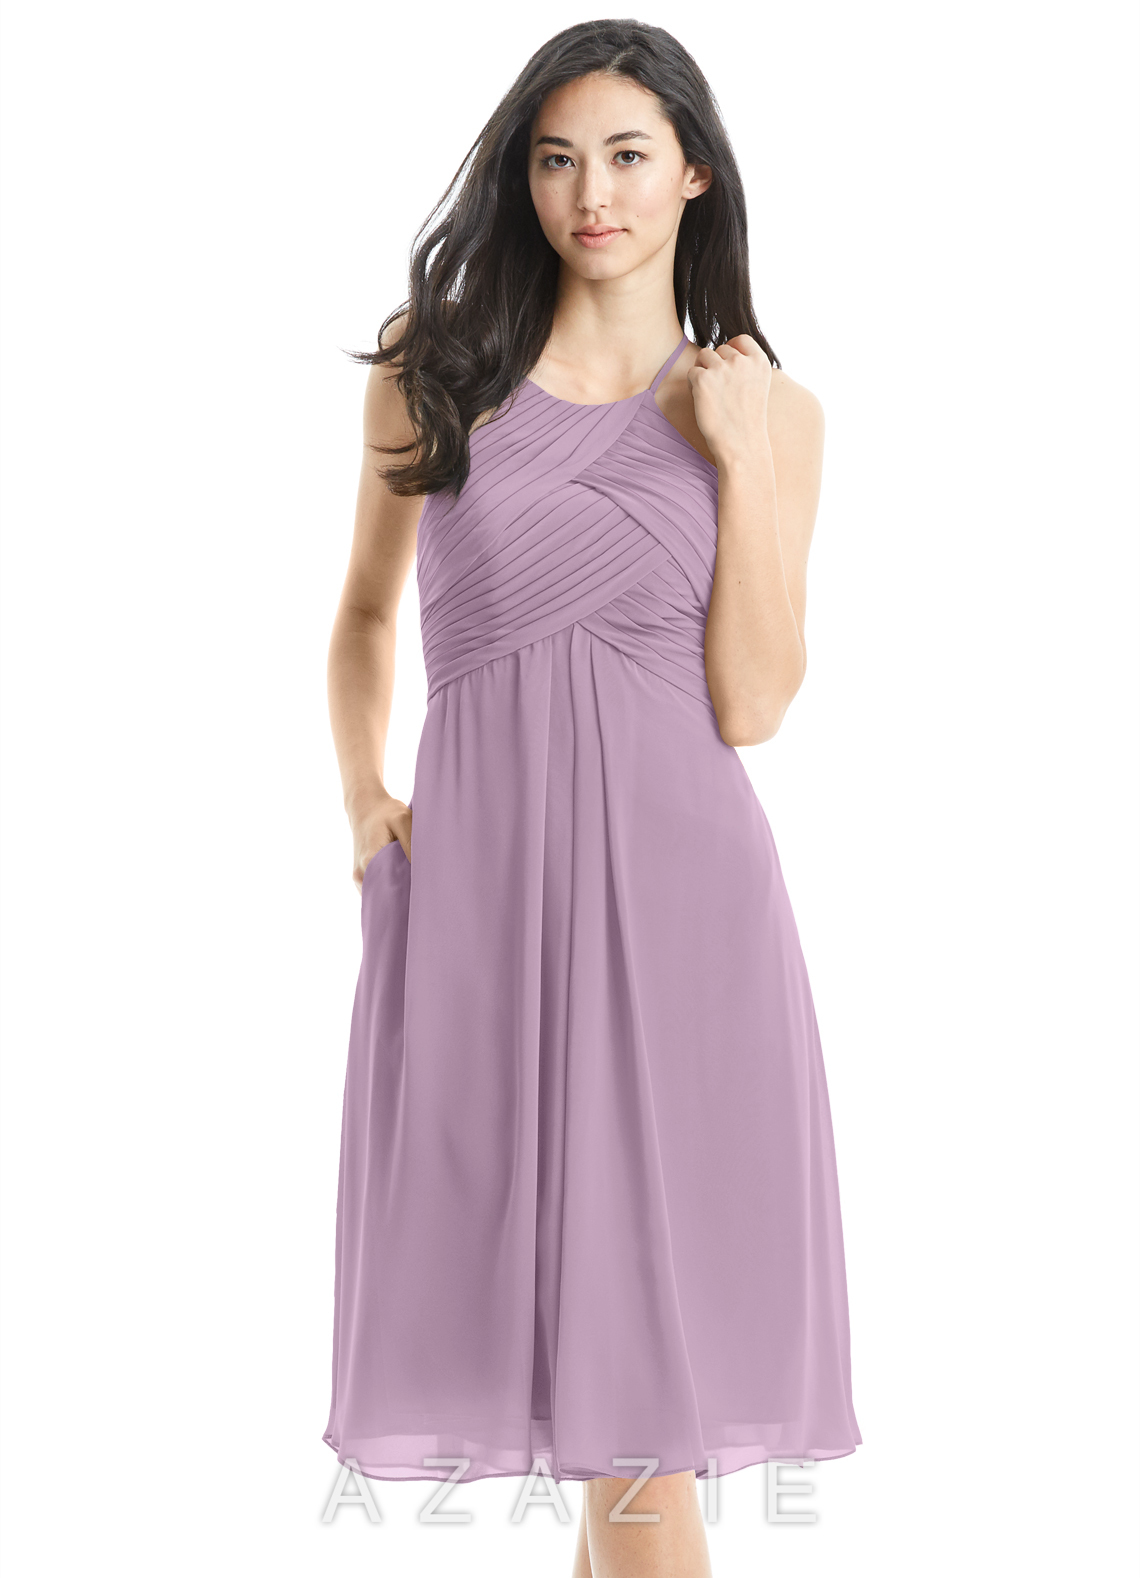 5e6f099b299 Azazie Adriana Bridesmaid Dresses